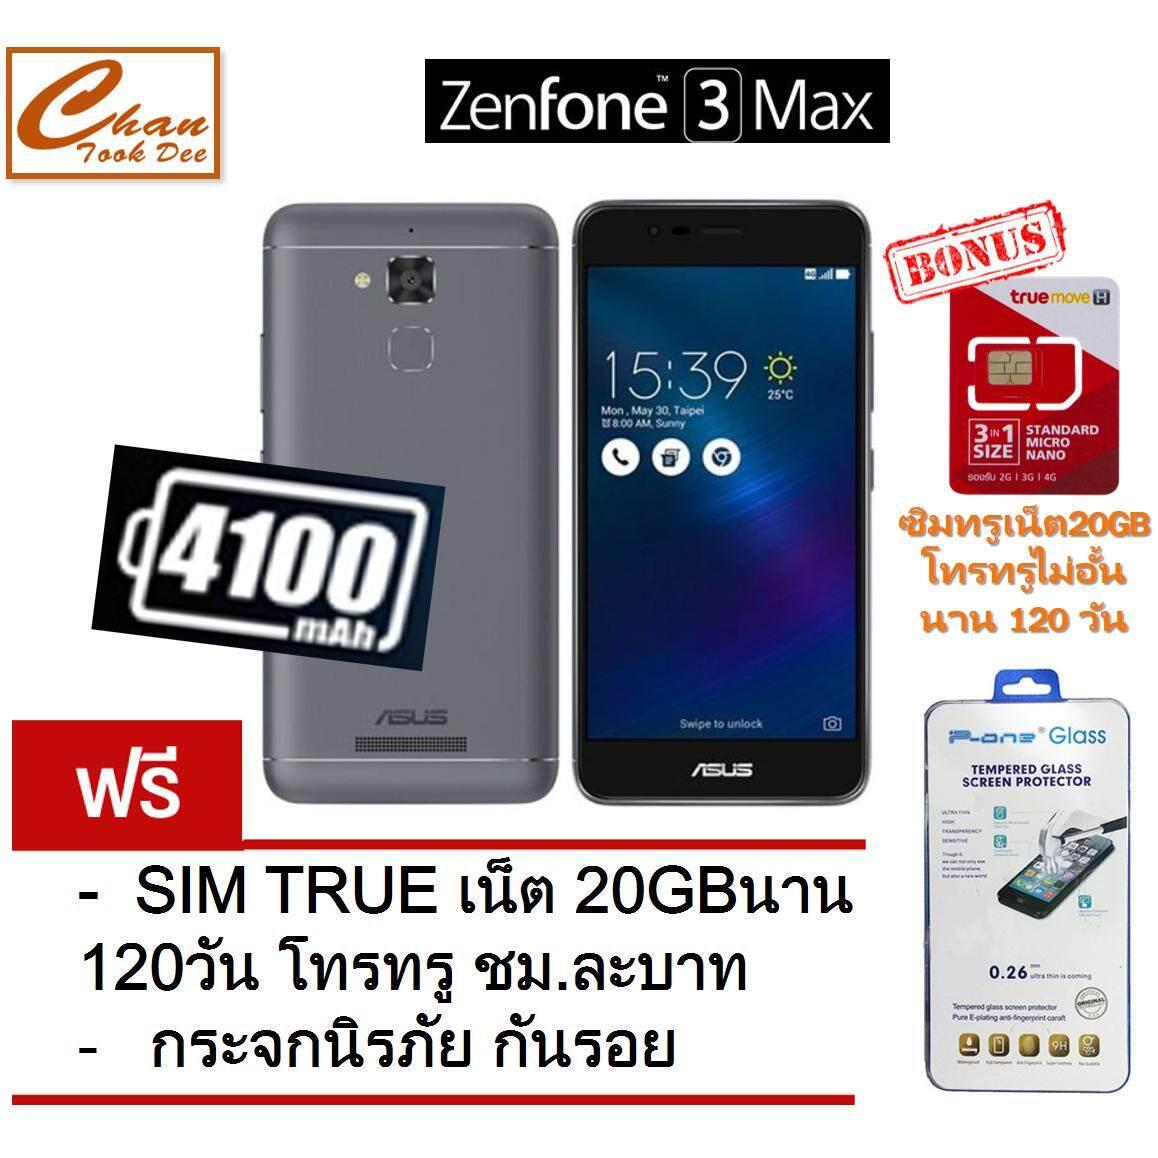 ราคา Asus Zenfone 3 Max 5 2 Zc520Tl แบต 4100Mah 16Gb Grey ฟรี กระจกนิรภัยกันรอย ซิมทรูเน็ต20Gb นาน 120 วัน โทรทรู ชม ละบาท ถูก